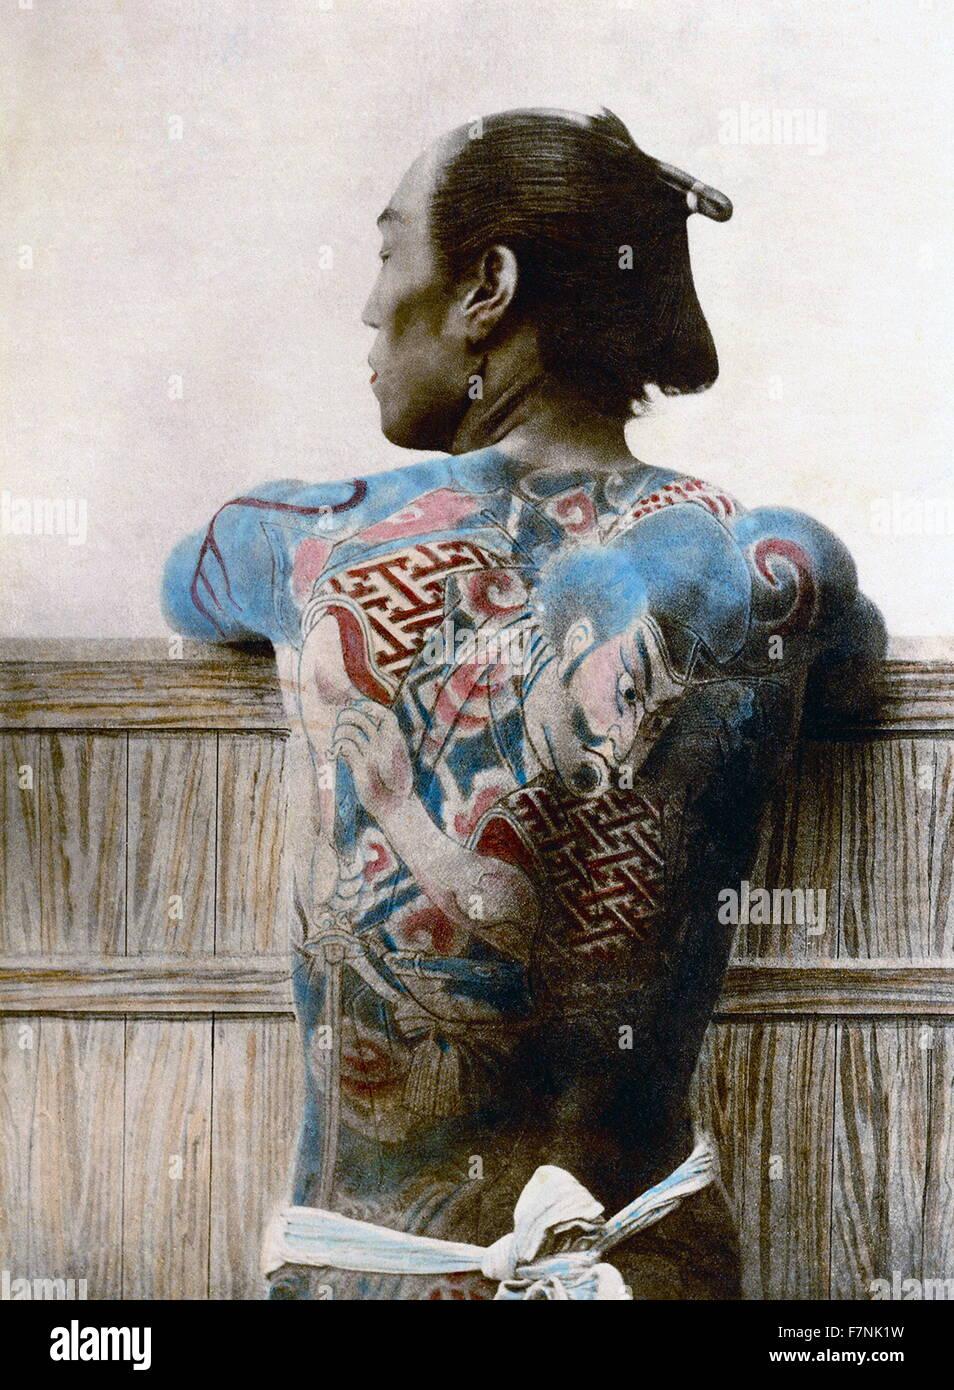 Japanische Samurai-Krieger mit Tattoos. Vintage Foto aus Japan 1890 Stockbild